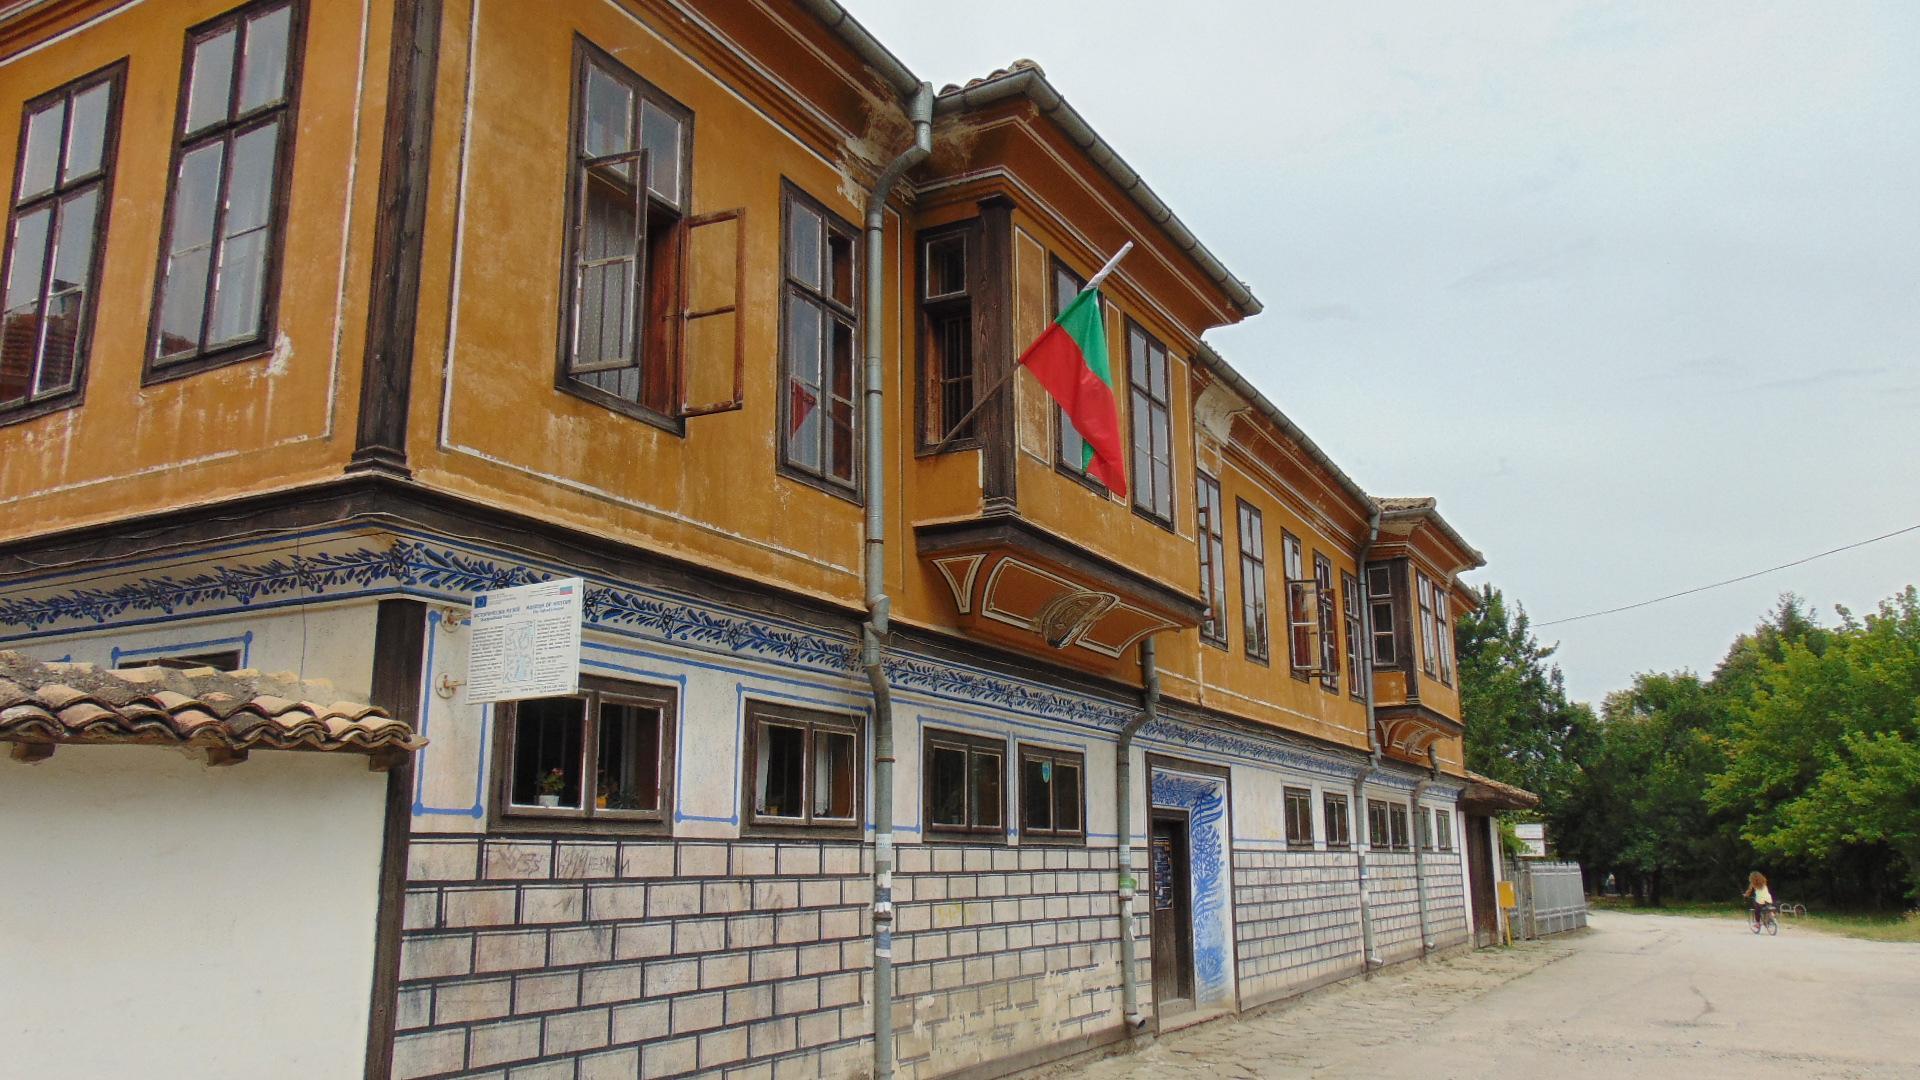 Регионален исторически музей - Търговище